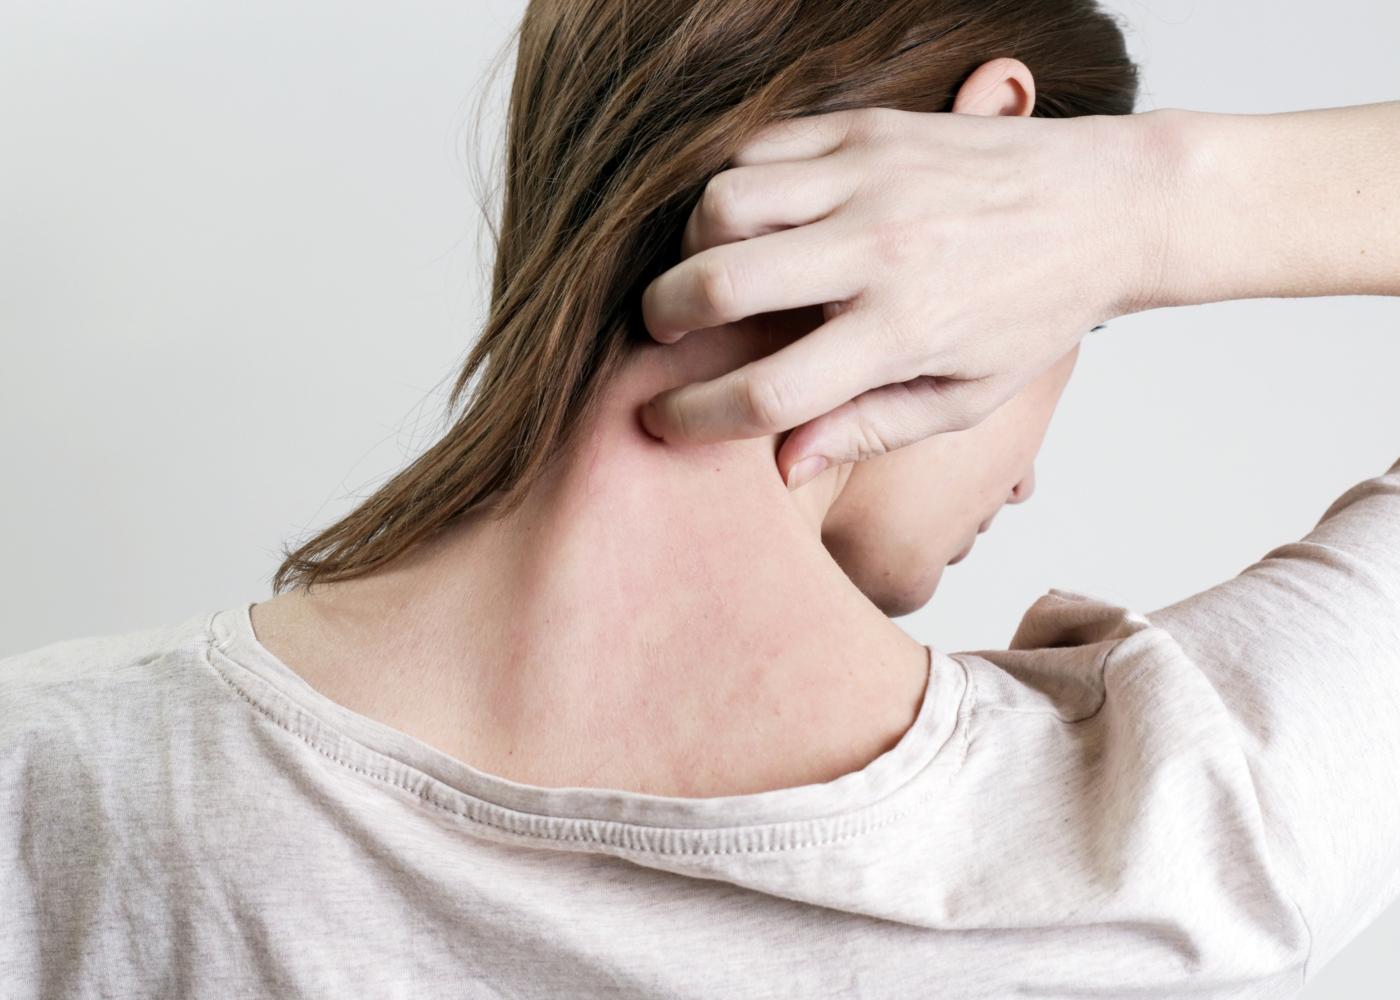 Mulher com prurido no pescoço